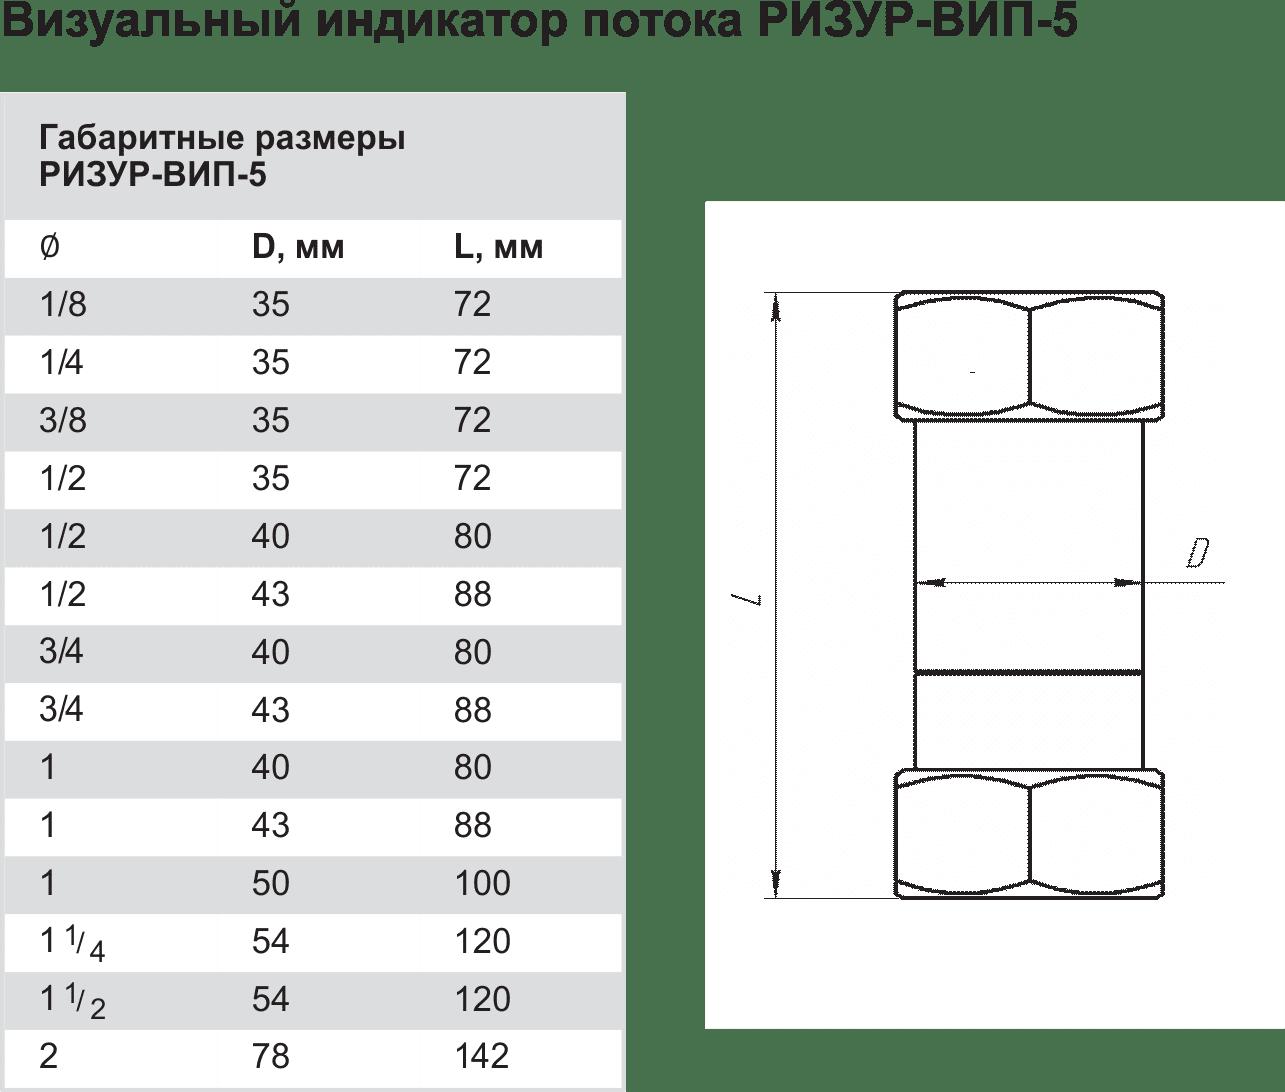 Габаритные размеры РИЗУР-ВИП-5